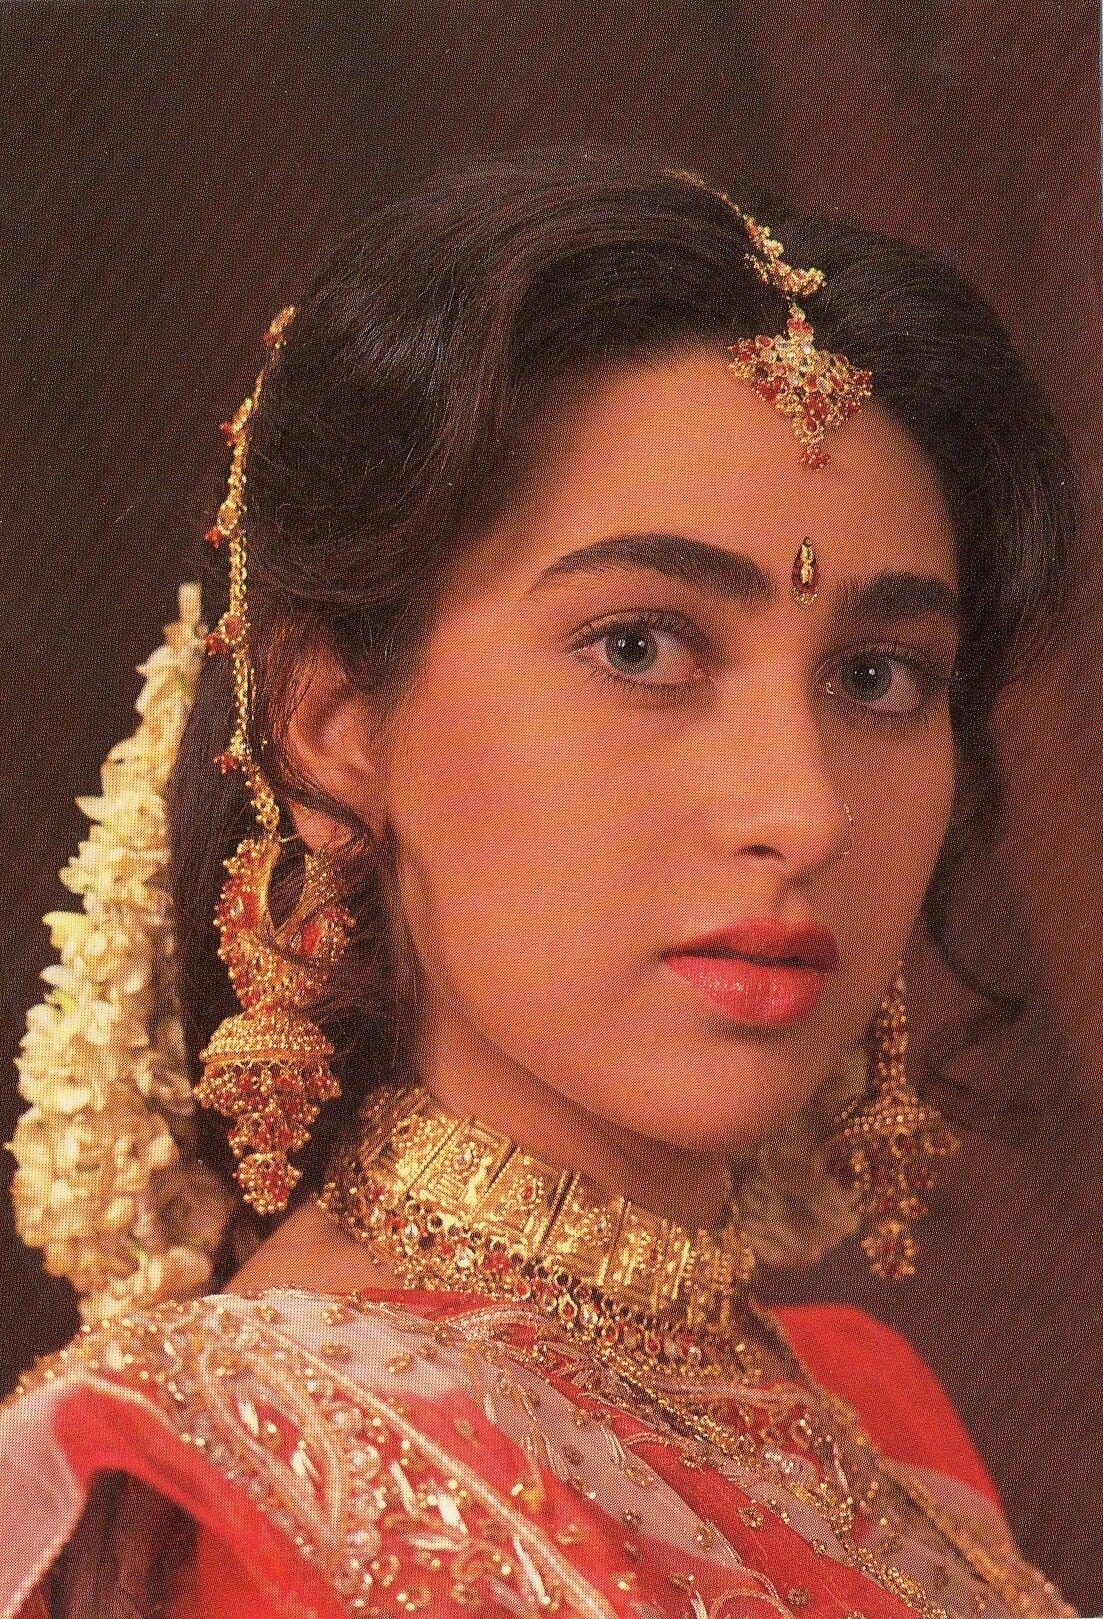 Karisma kapoor bollywood makeup beautiful girl indian